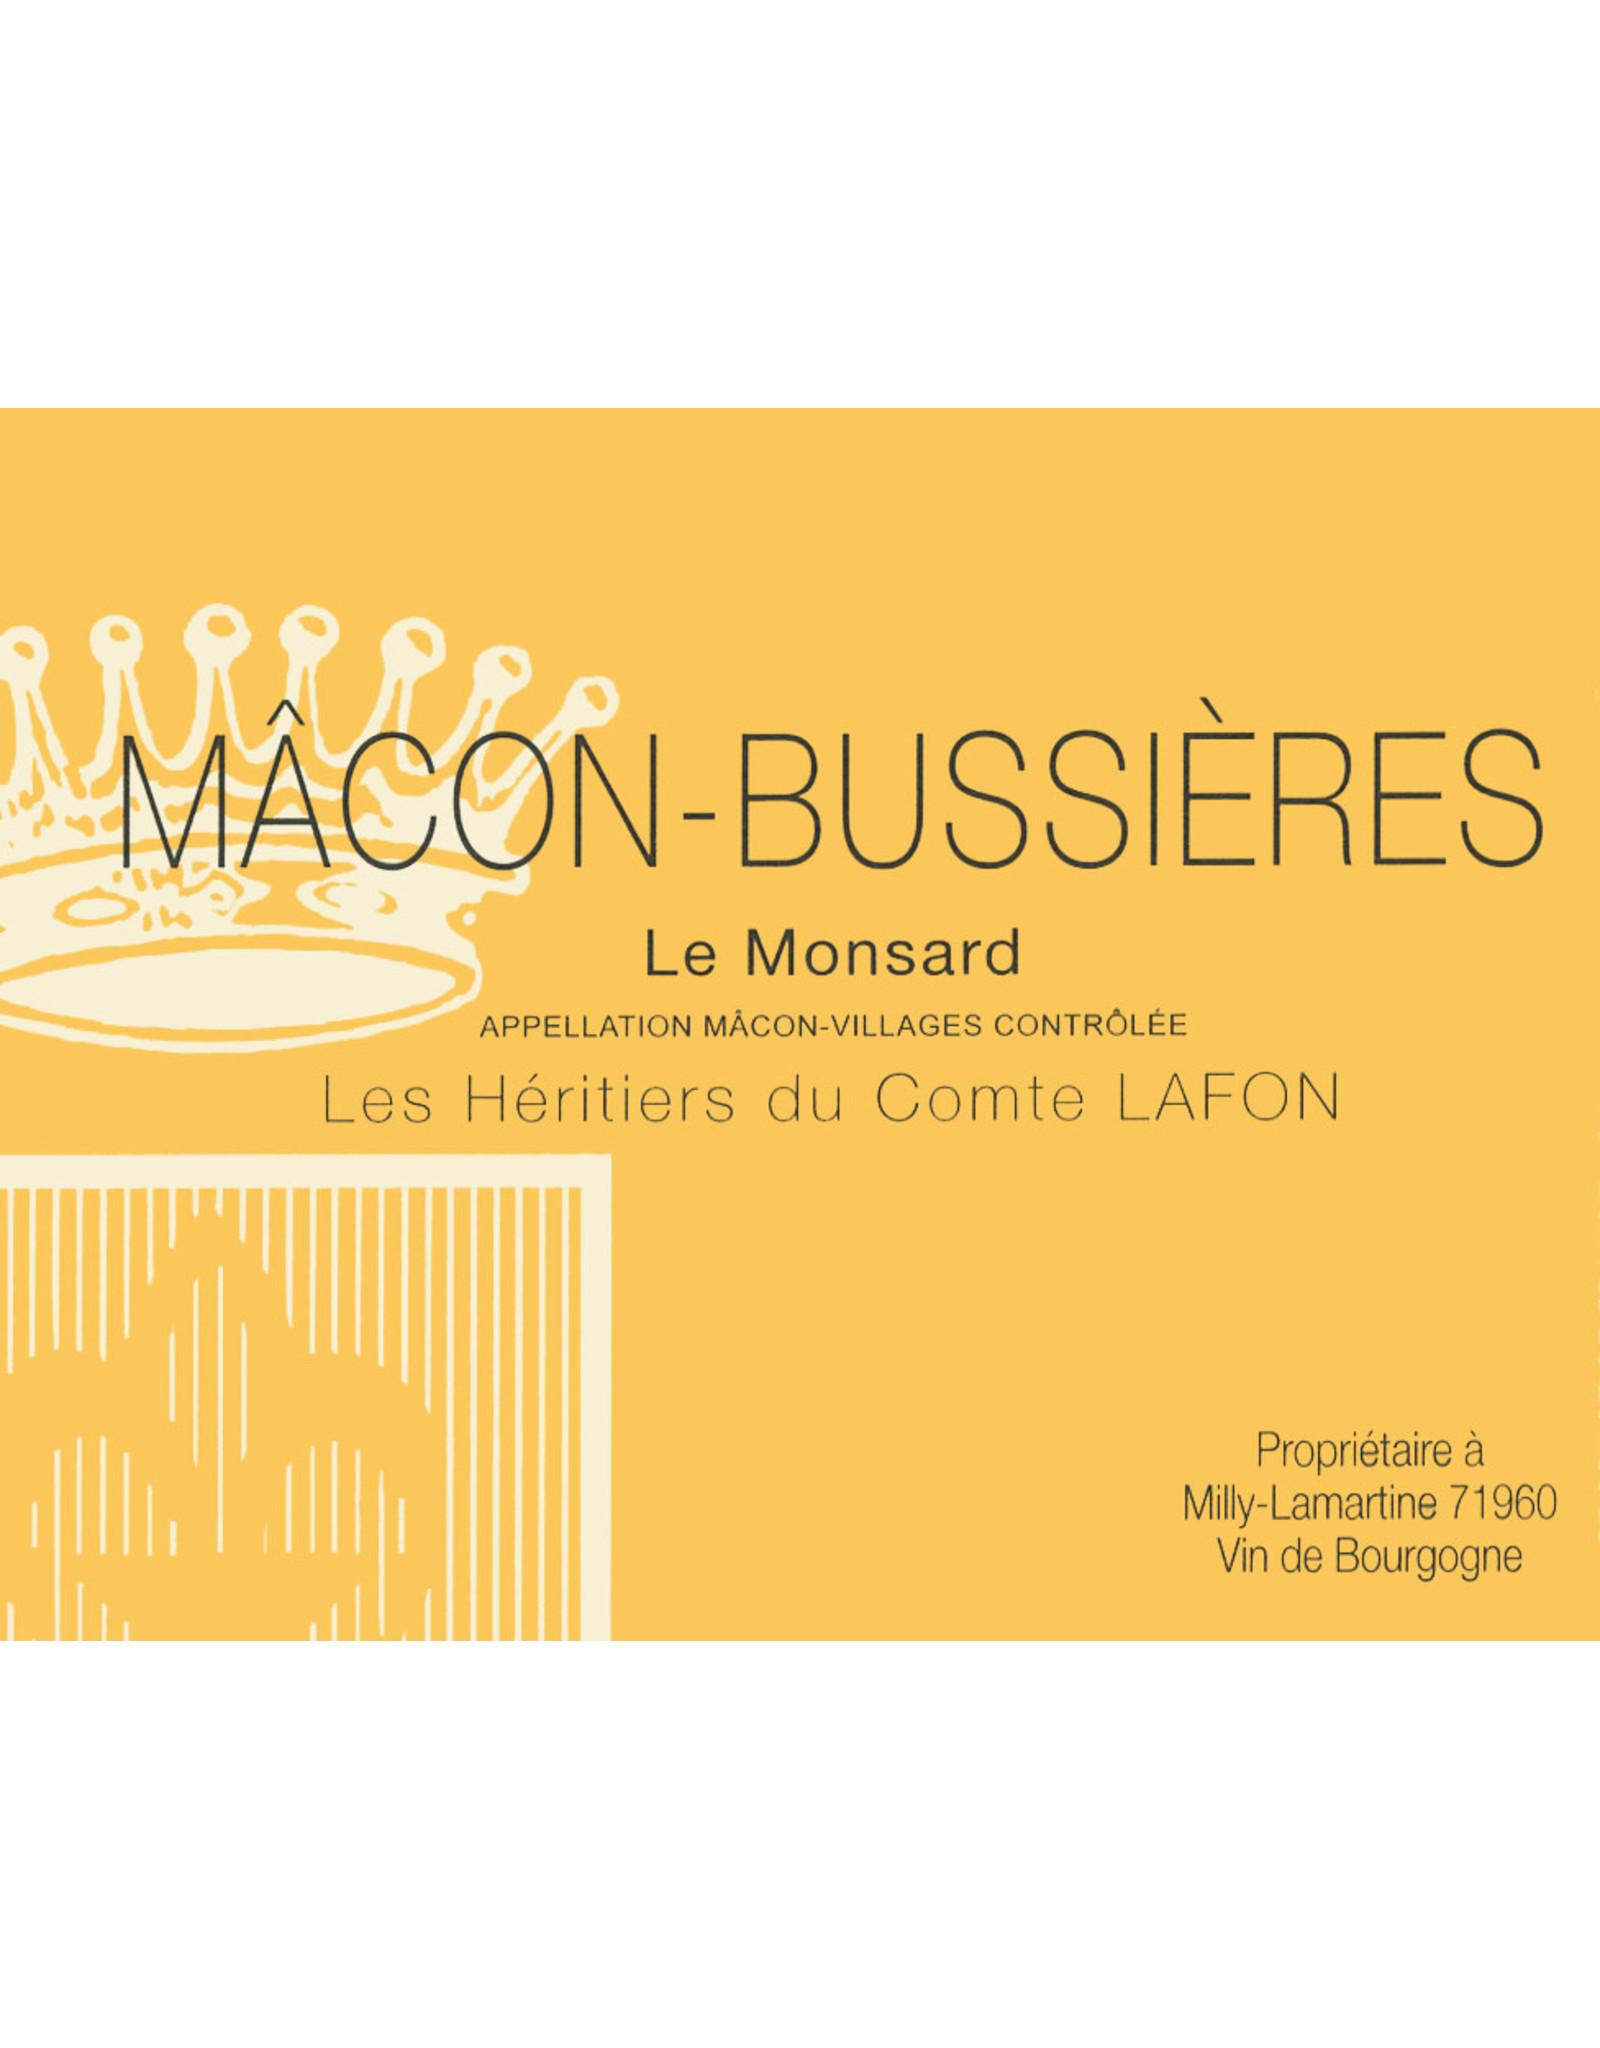 Les Heritiers du Comte Lafon Macon Bussieres